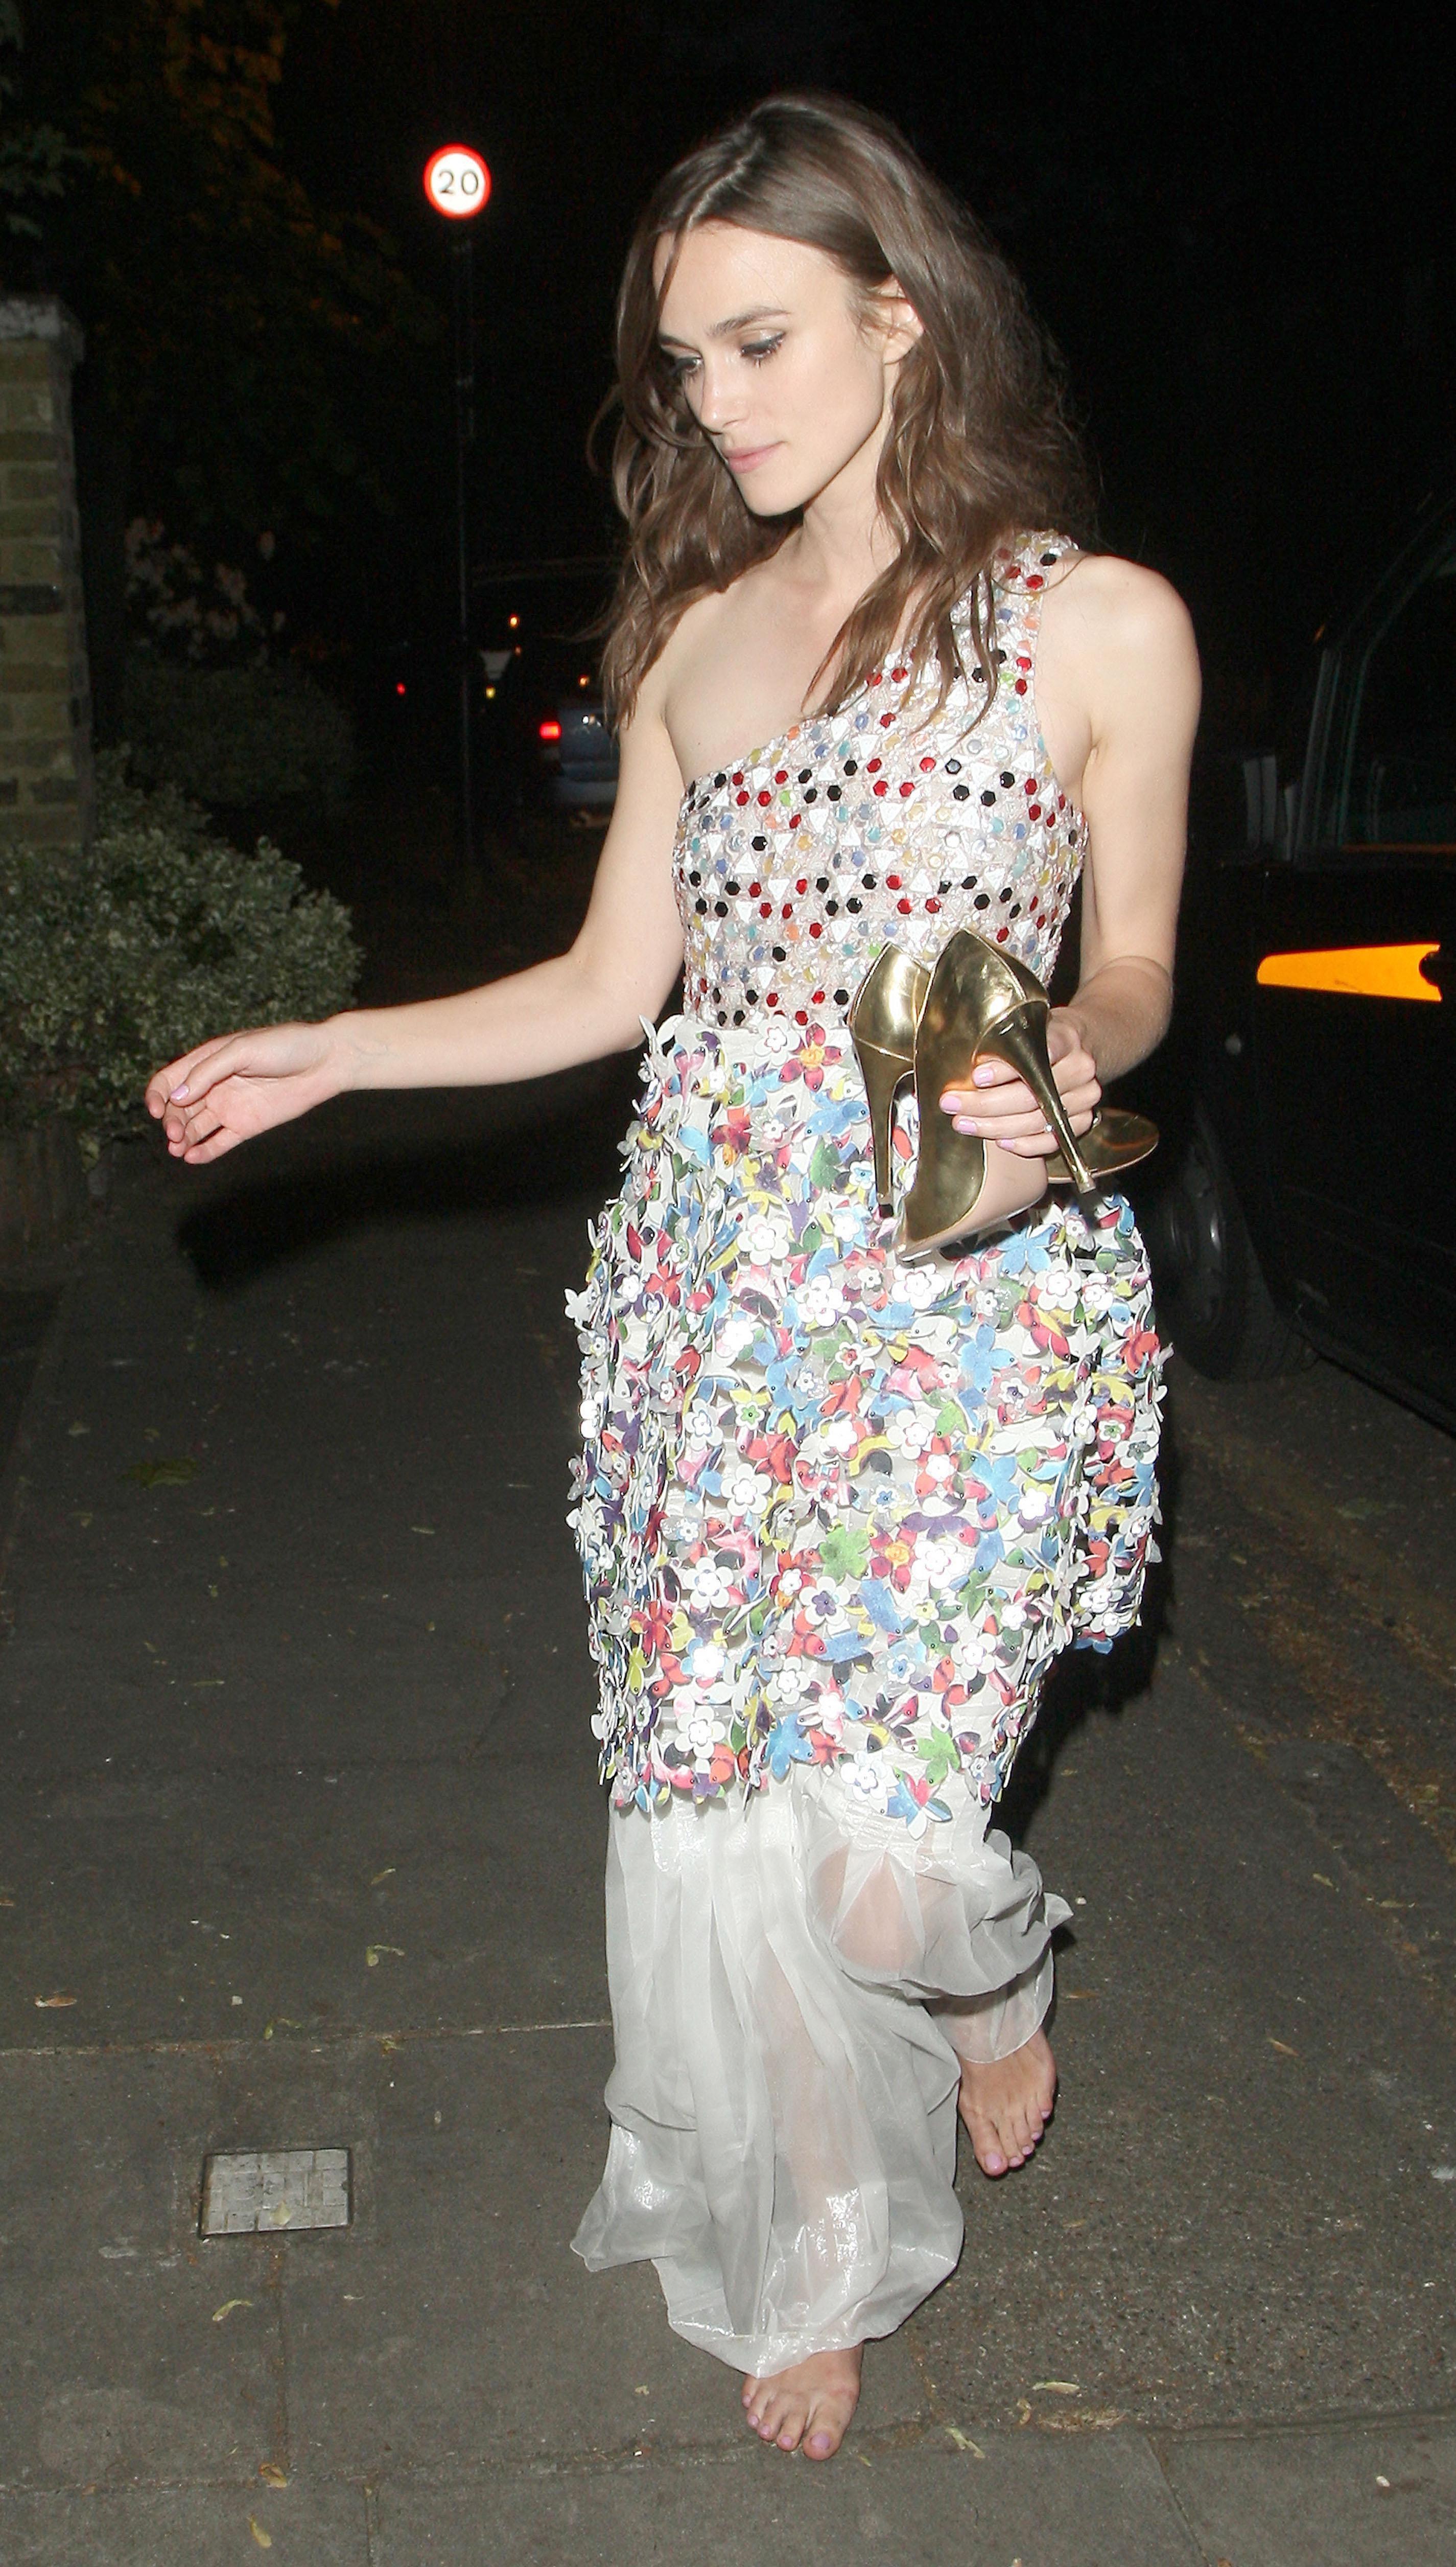 http://pics.wikifeet.com/Keira-Knightley-Feet-1385676.jpg